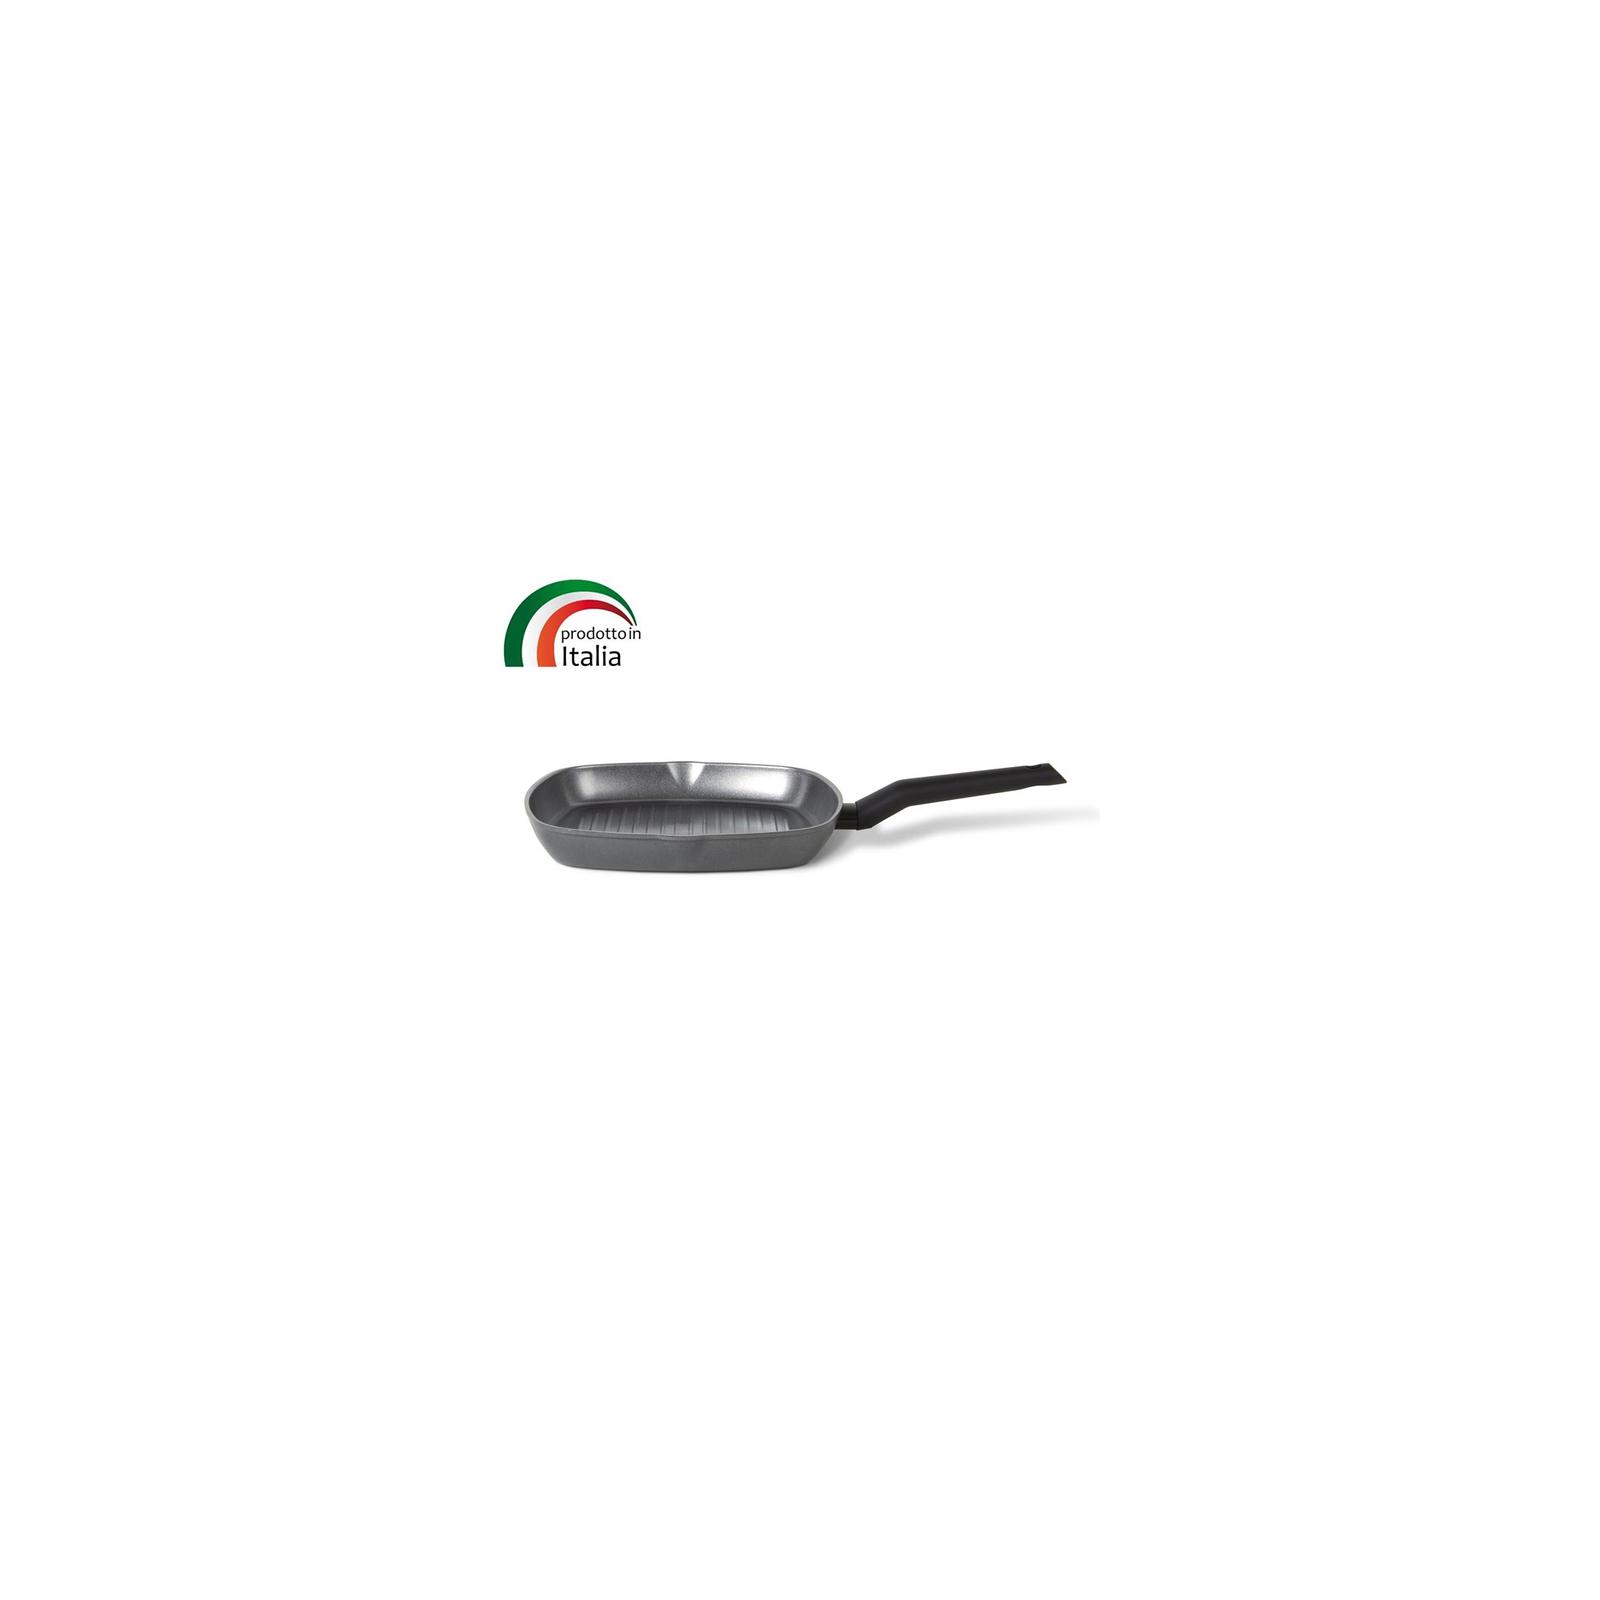 Сковорода TVS Origine Induction Grill 28 х 28 см (4N502284010001)